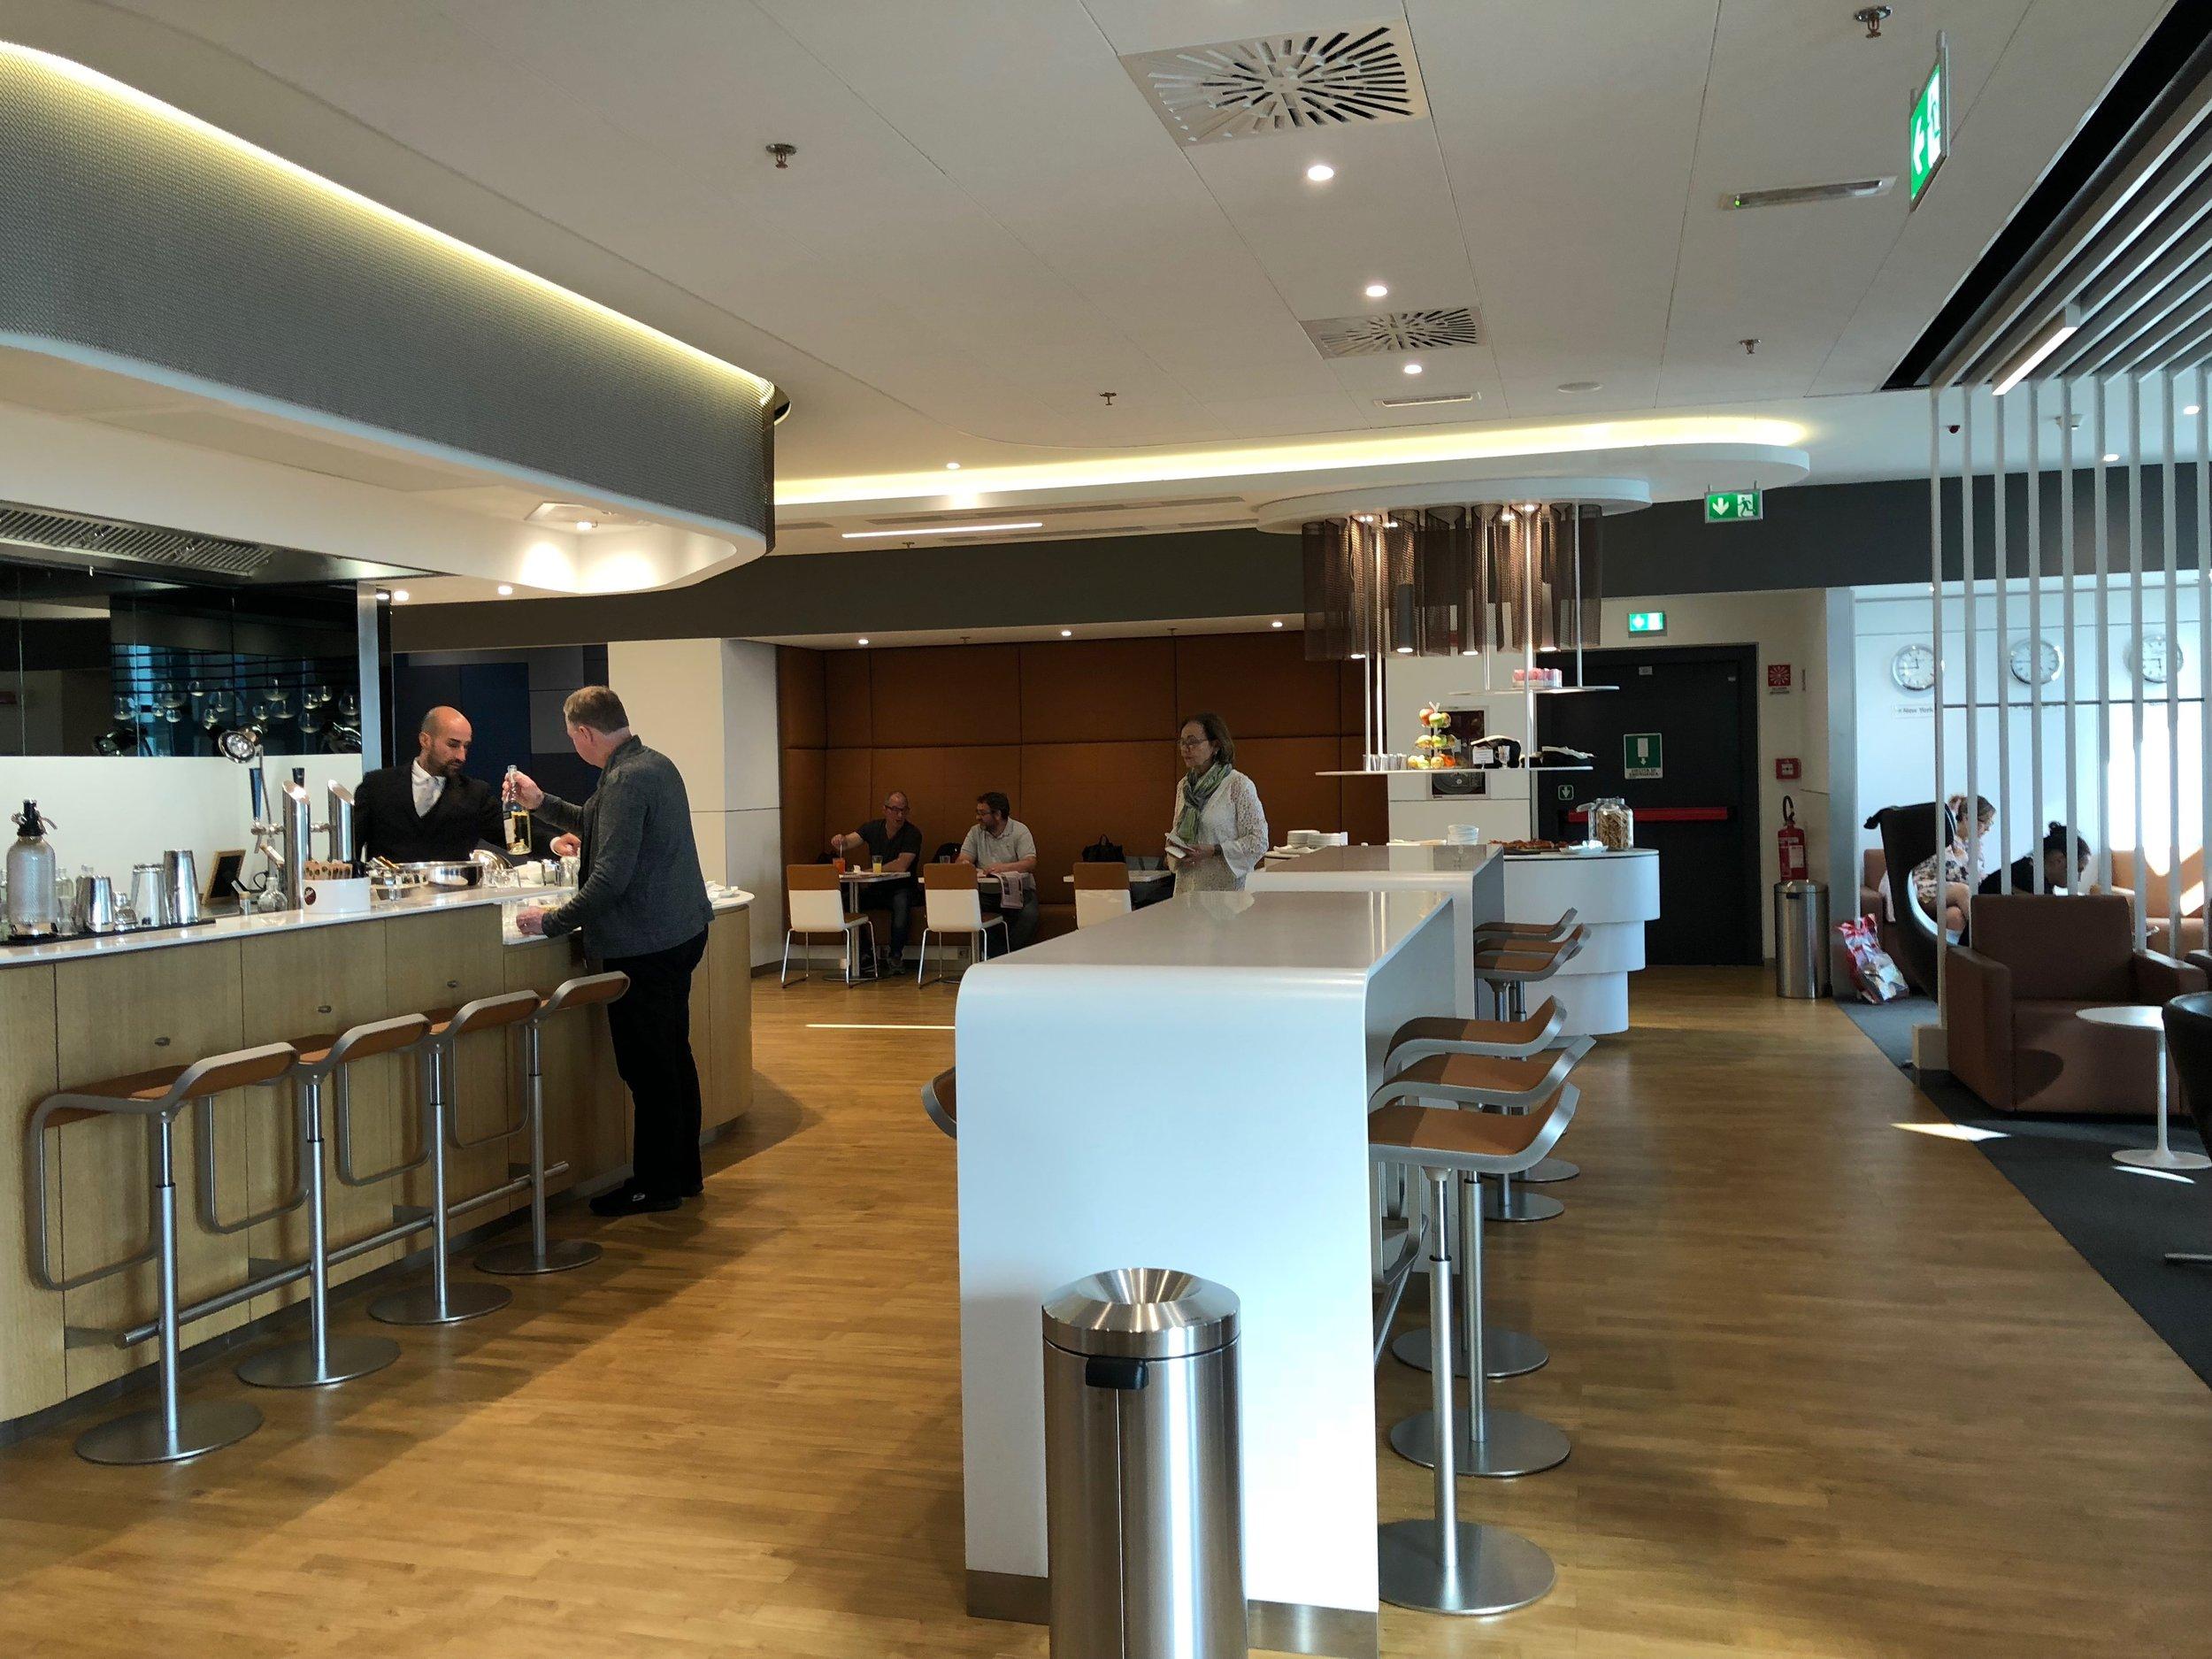 Milan Lufthansa Lounge bar area